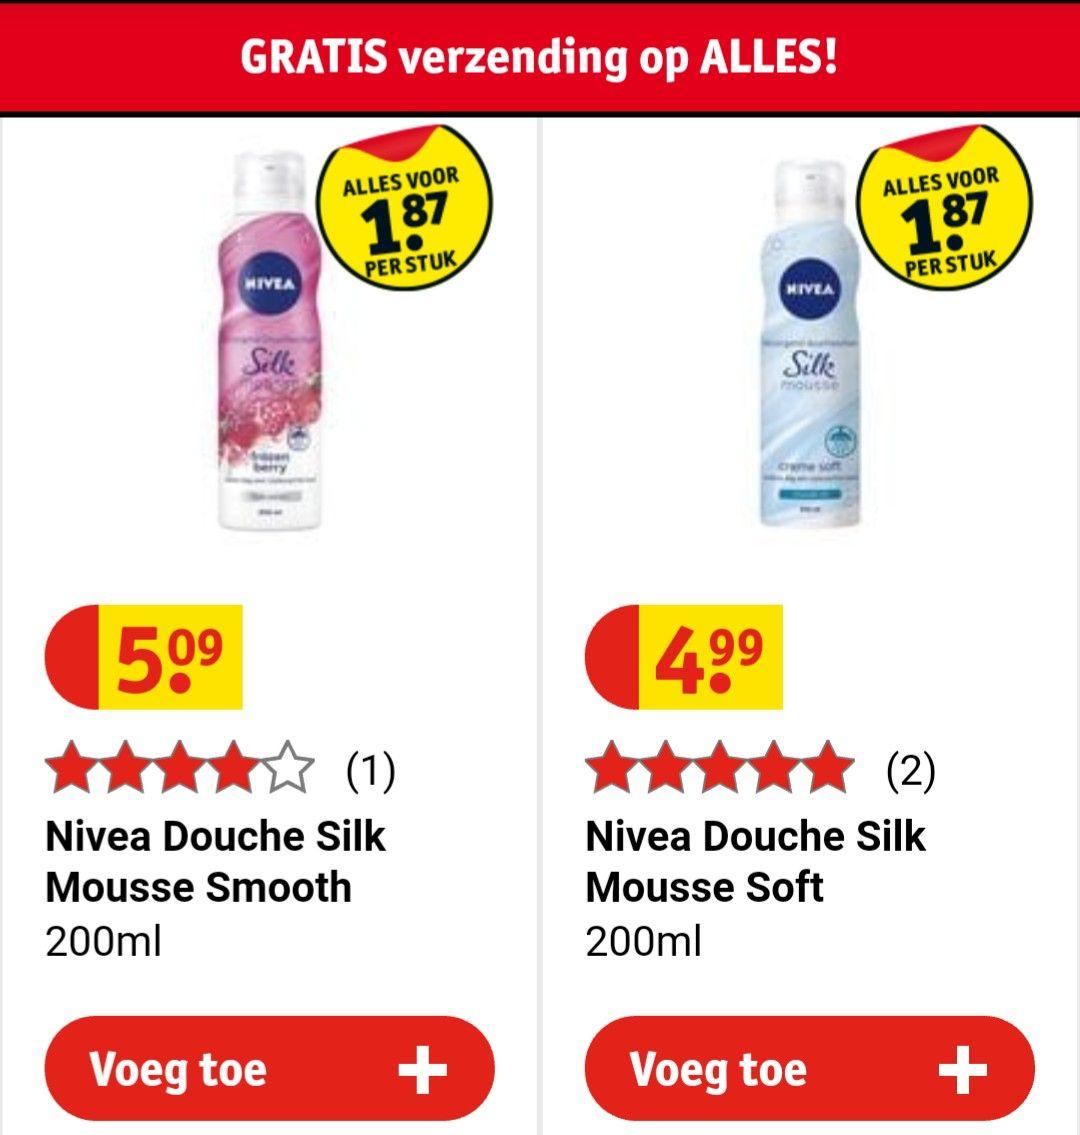 2 Nivea Douche foam voor €3,74 + gratis body mousse @ Kruidvat